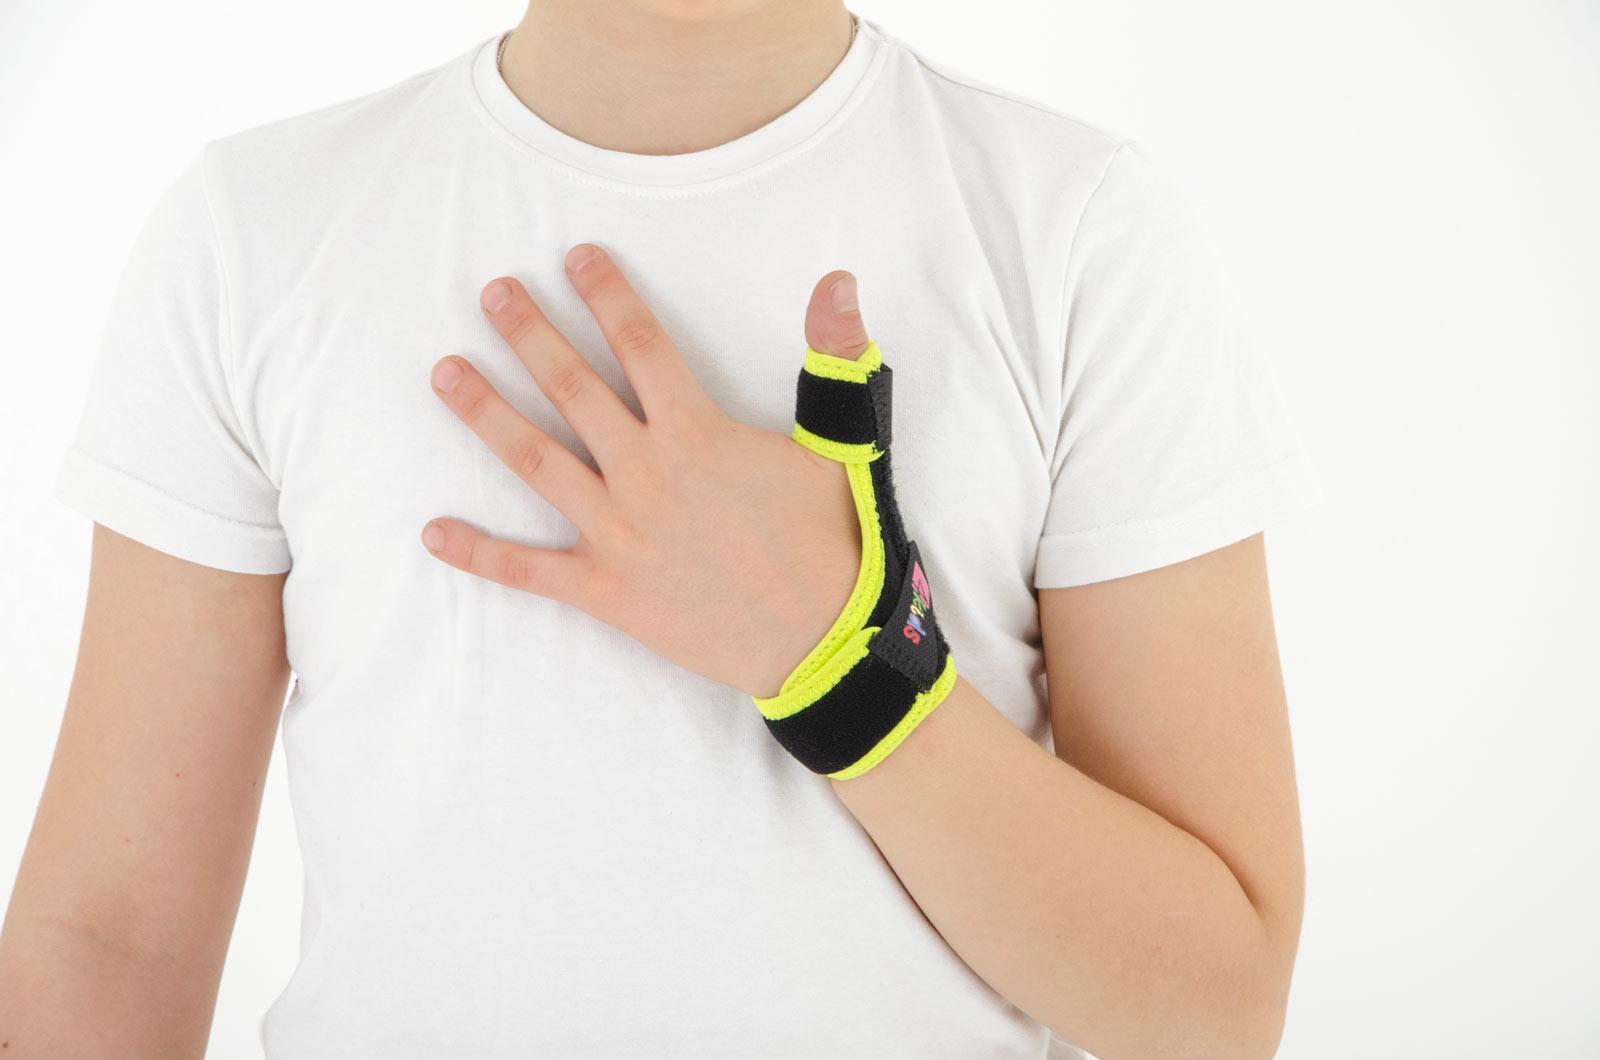 dziecięca orteza na kciuk FIX-KG-15